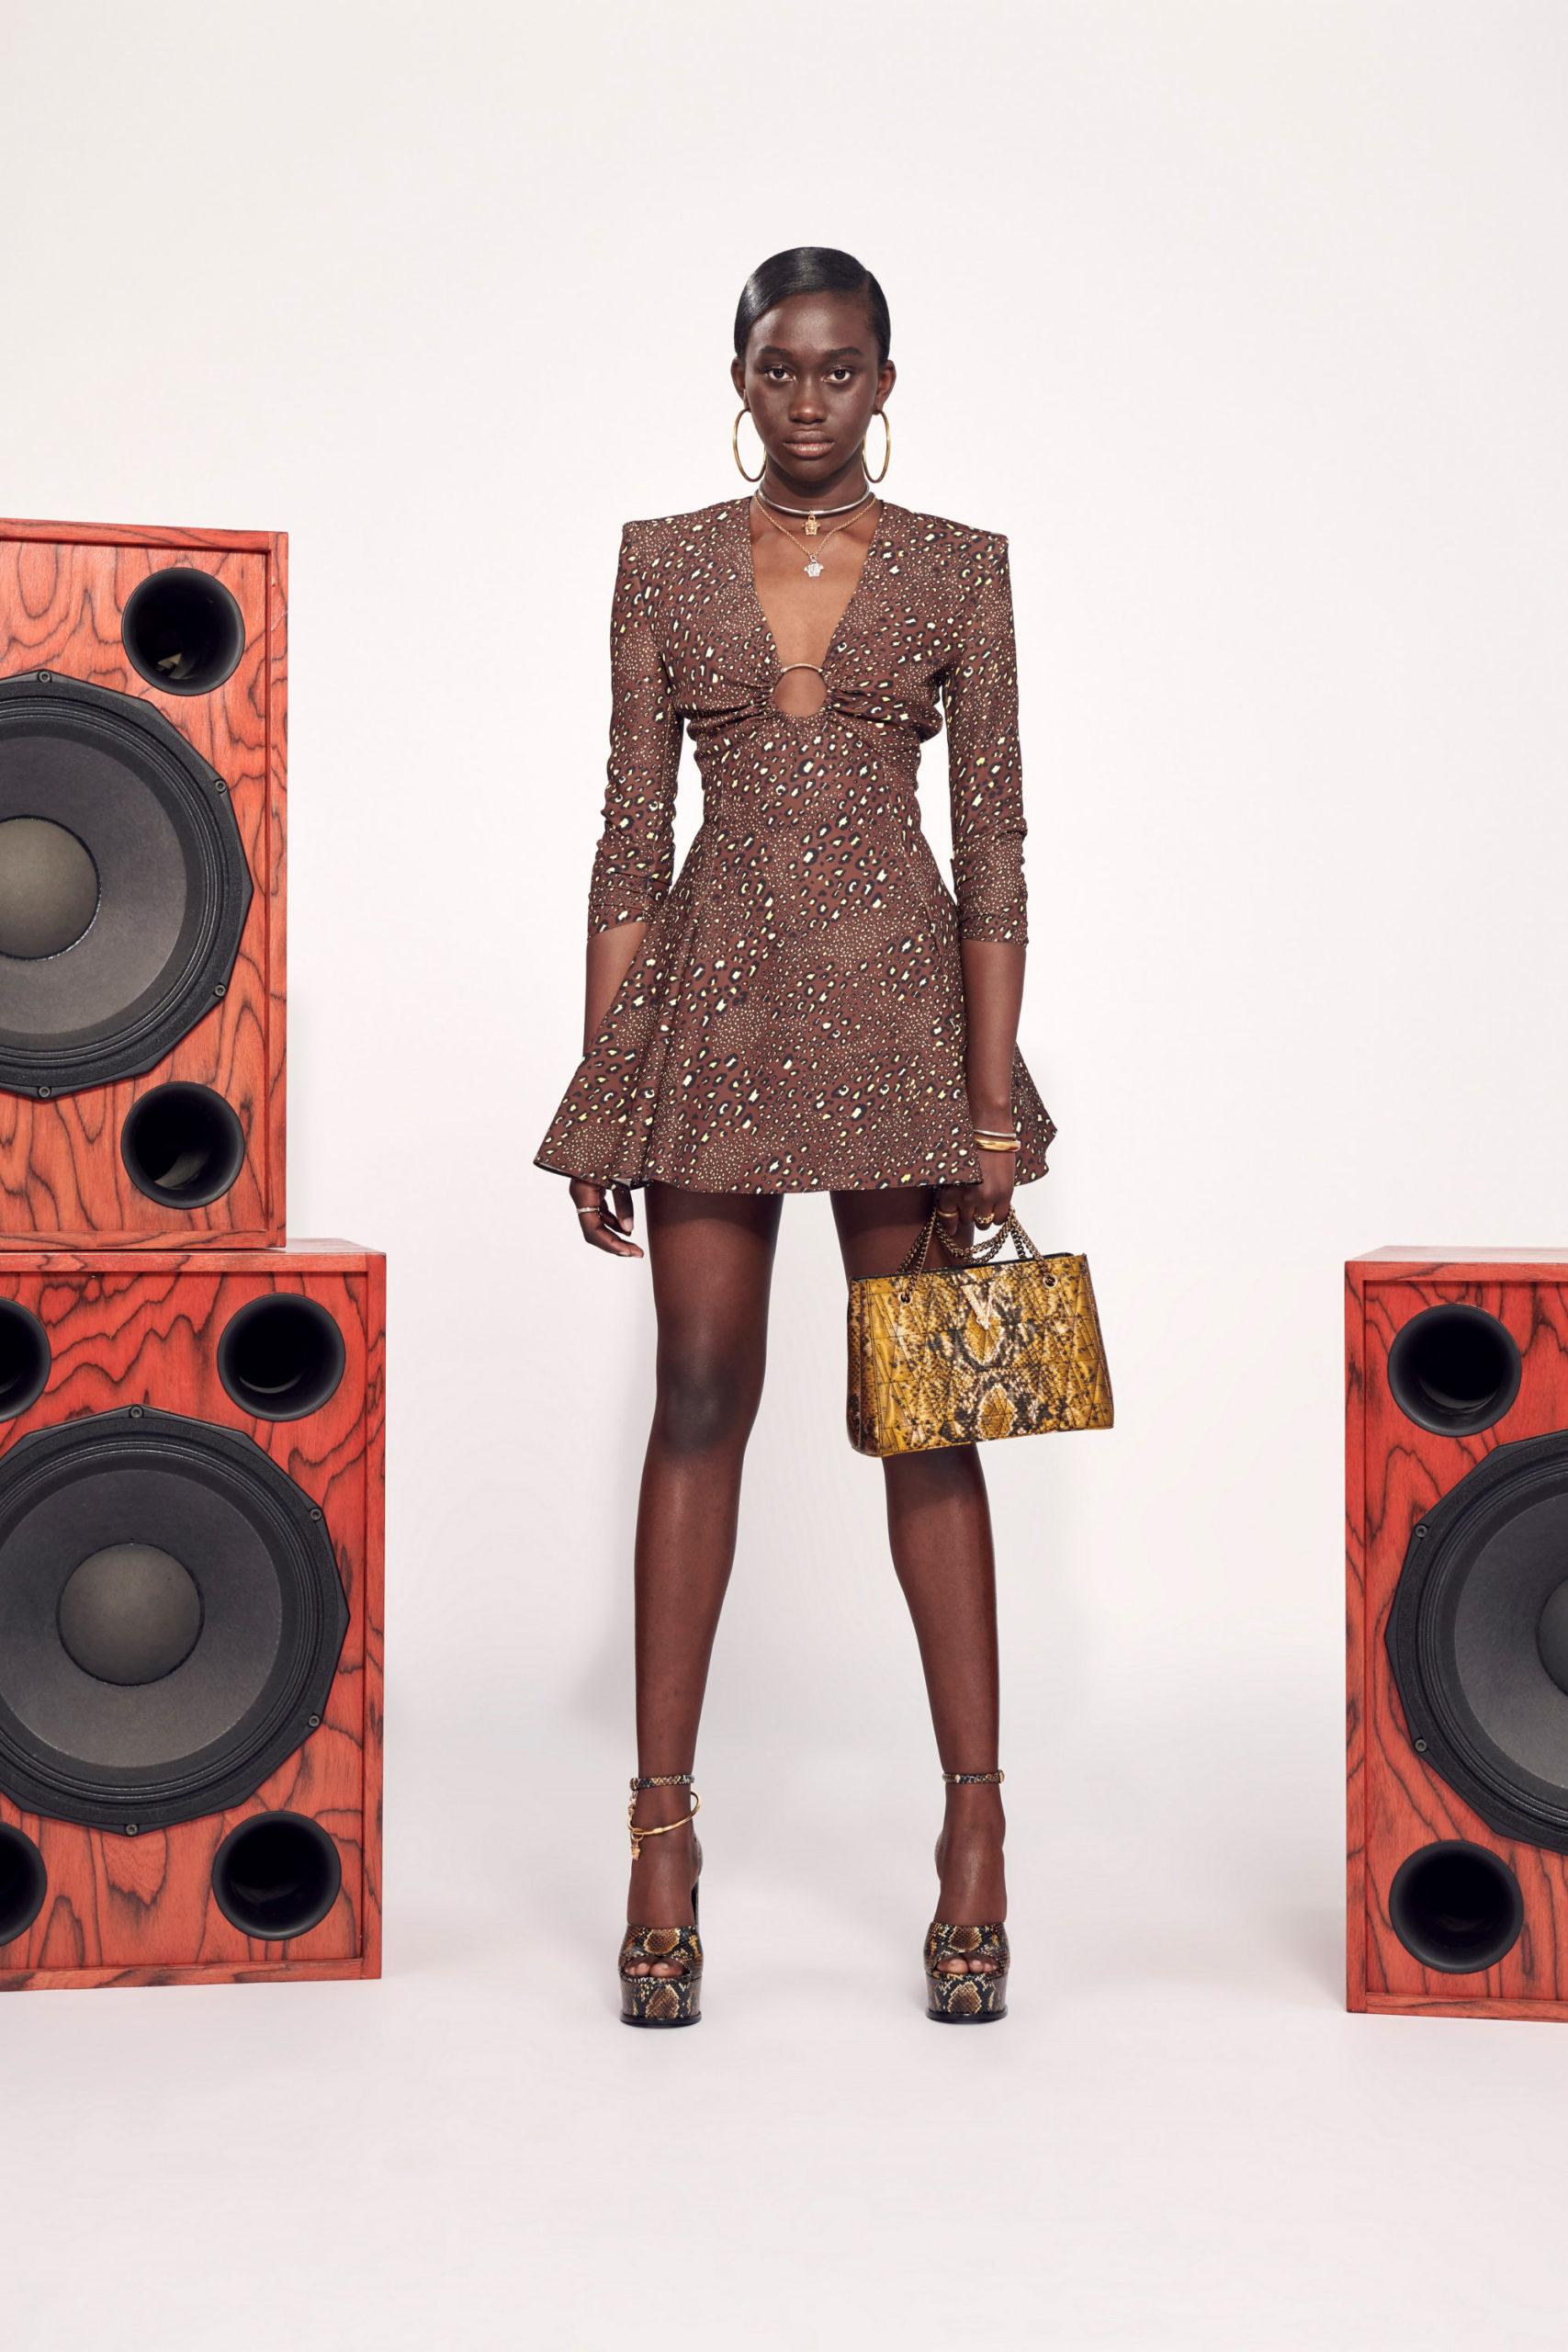 Платье с расклешённой статичной юбкой, платье выпускницы от Versace модель 2021 года